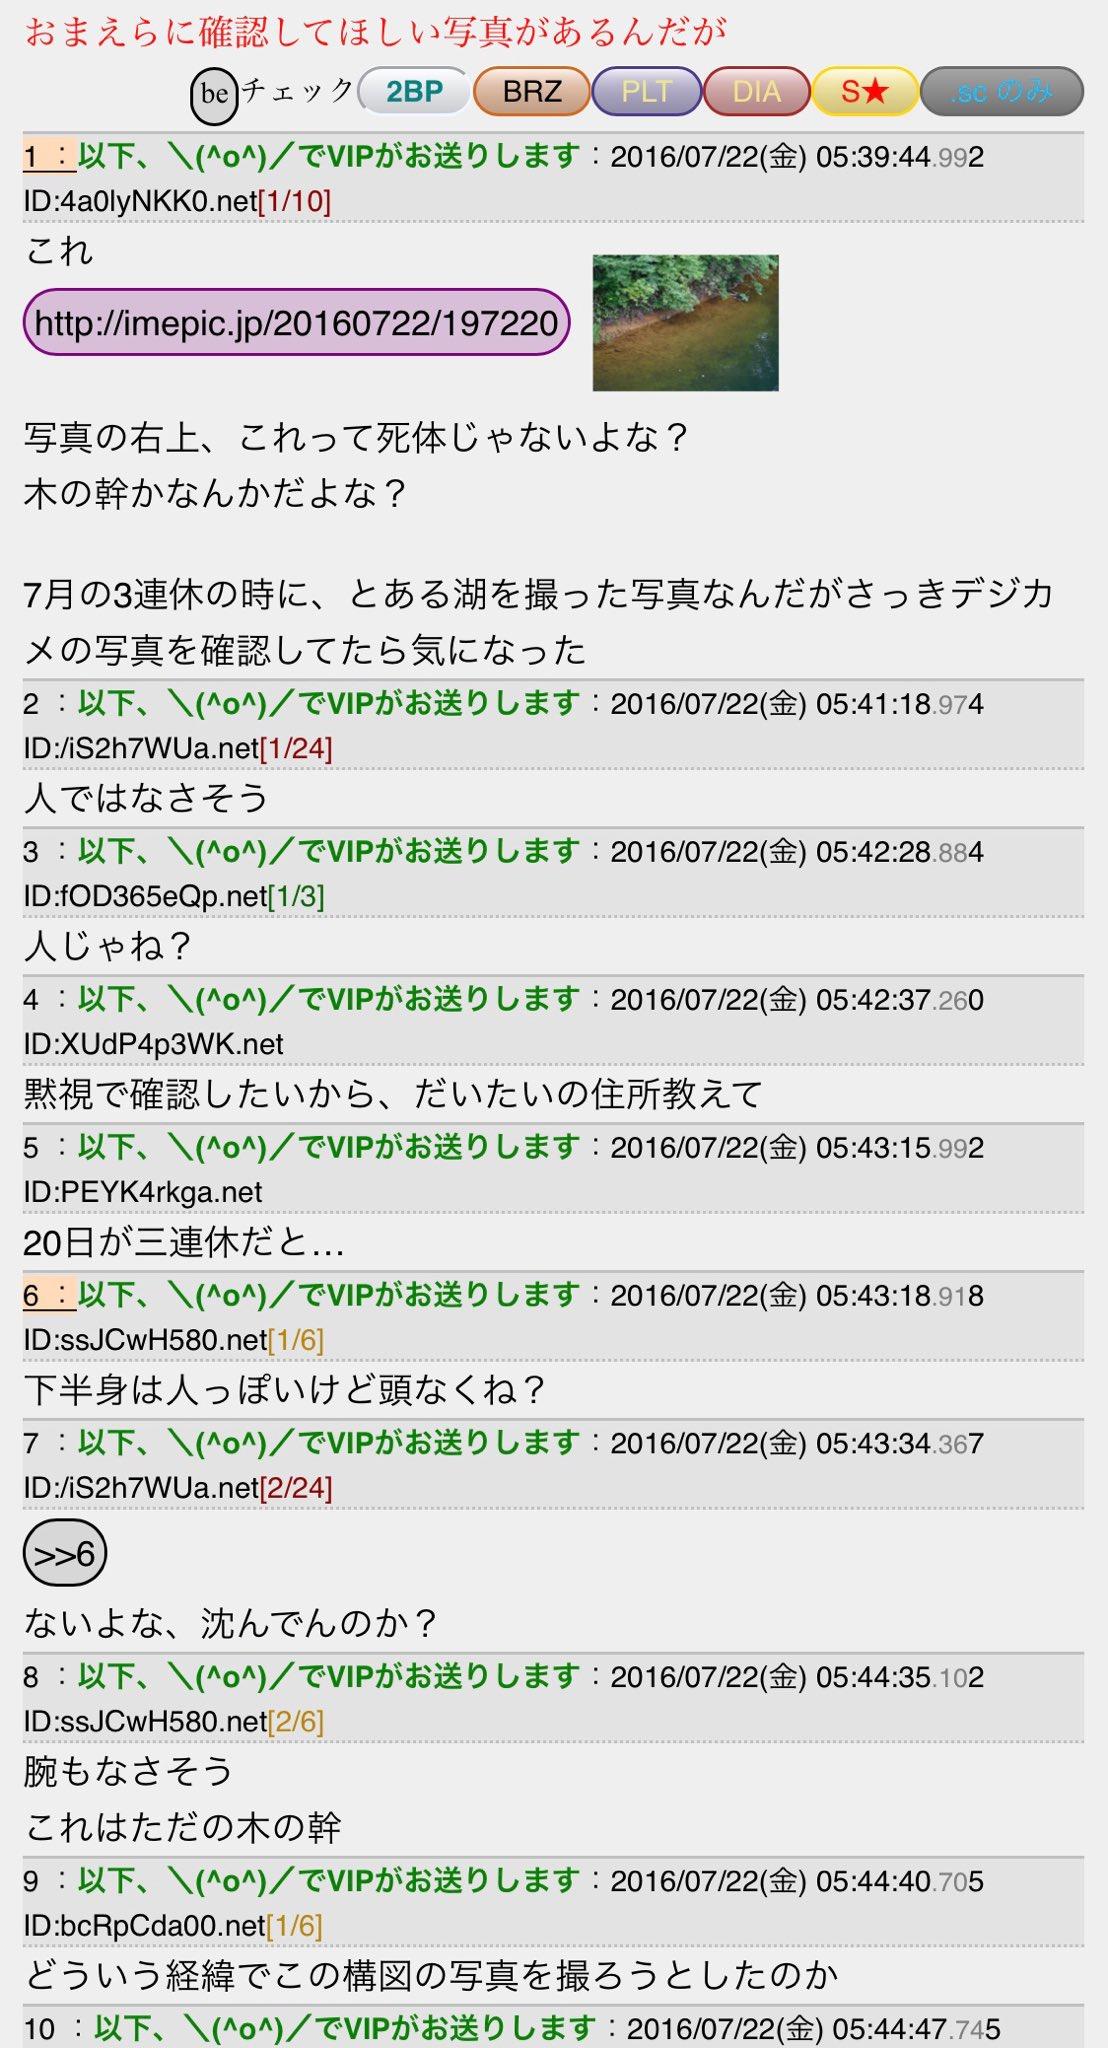 パラ 怖い ちゃんねる 2 話 ノーマル [B! 戦争]